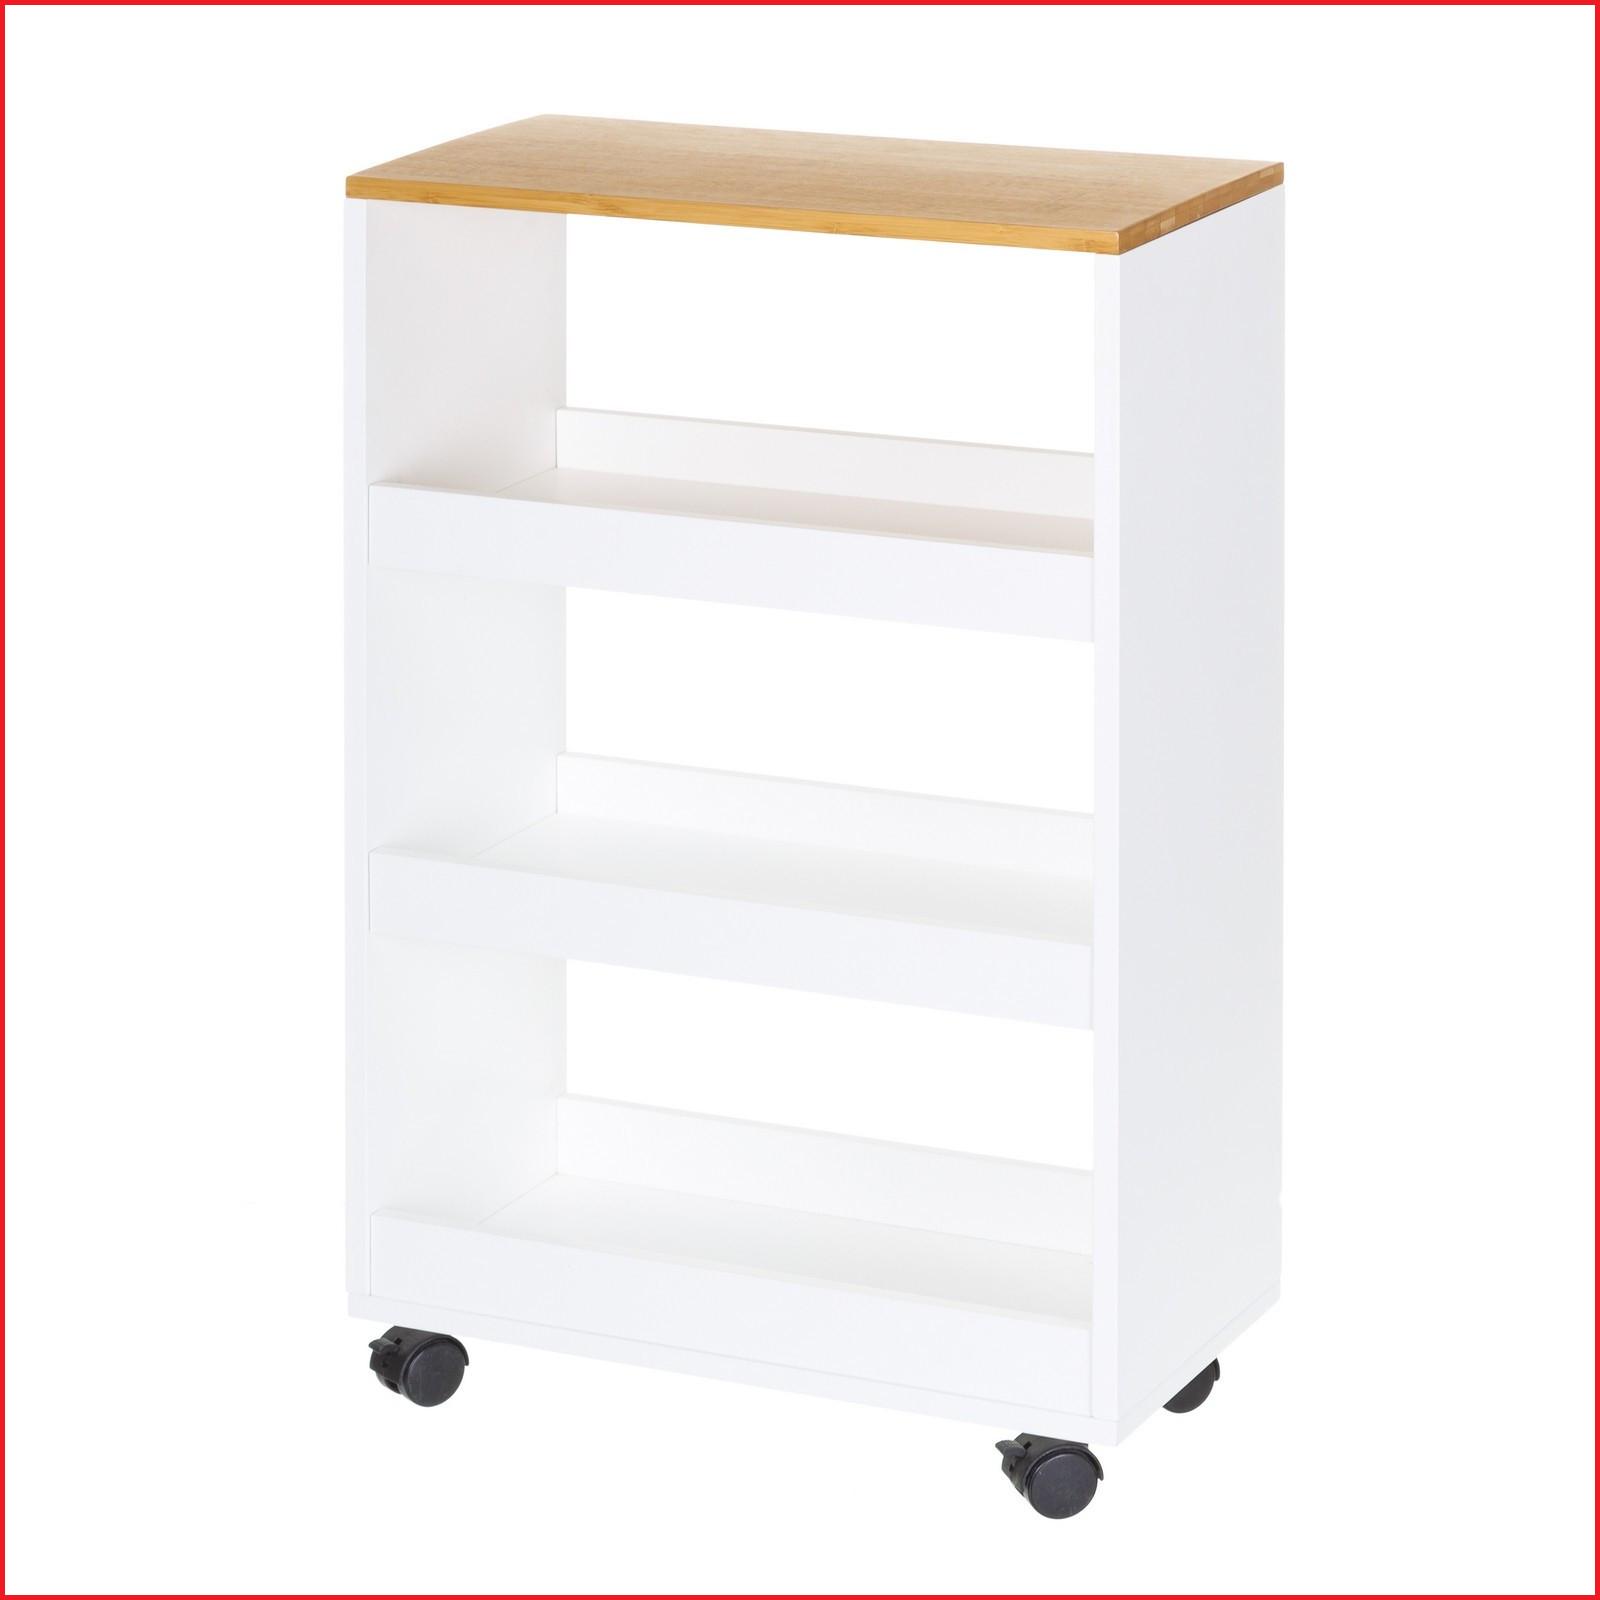 Muebles auxiliares de cocina baratos gallery of muebles for Muebles auxiliares de cocina carrefour